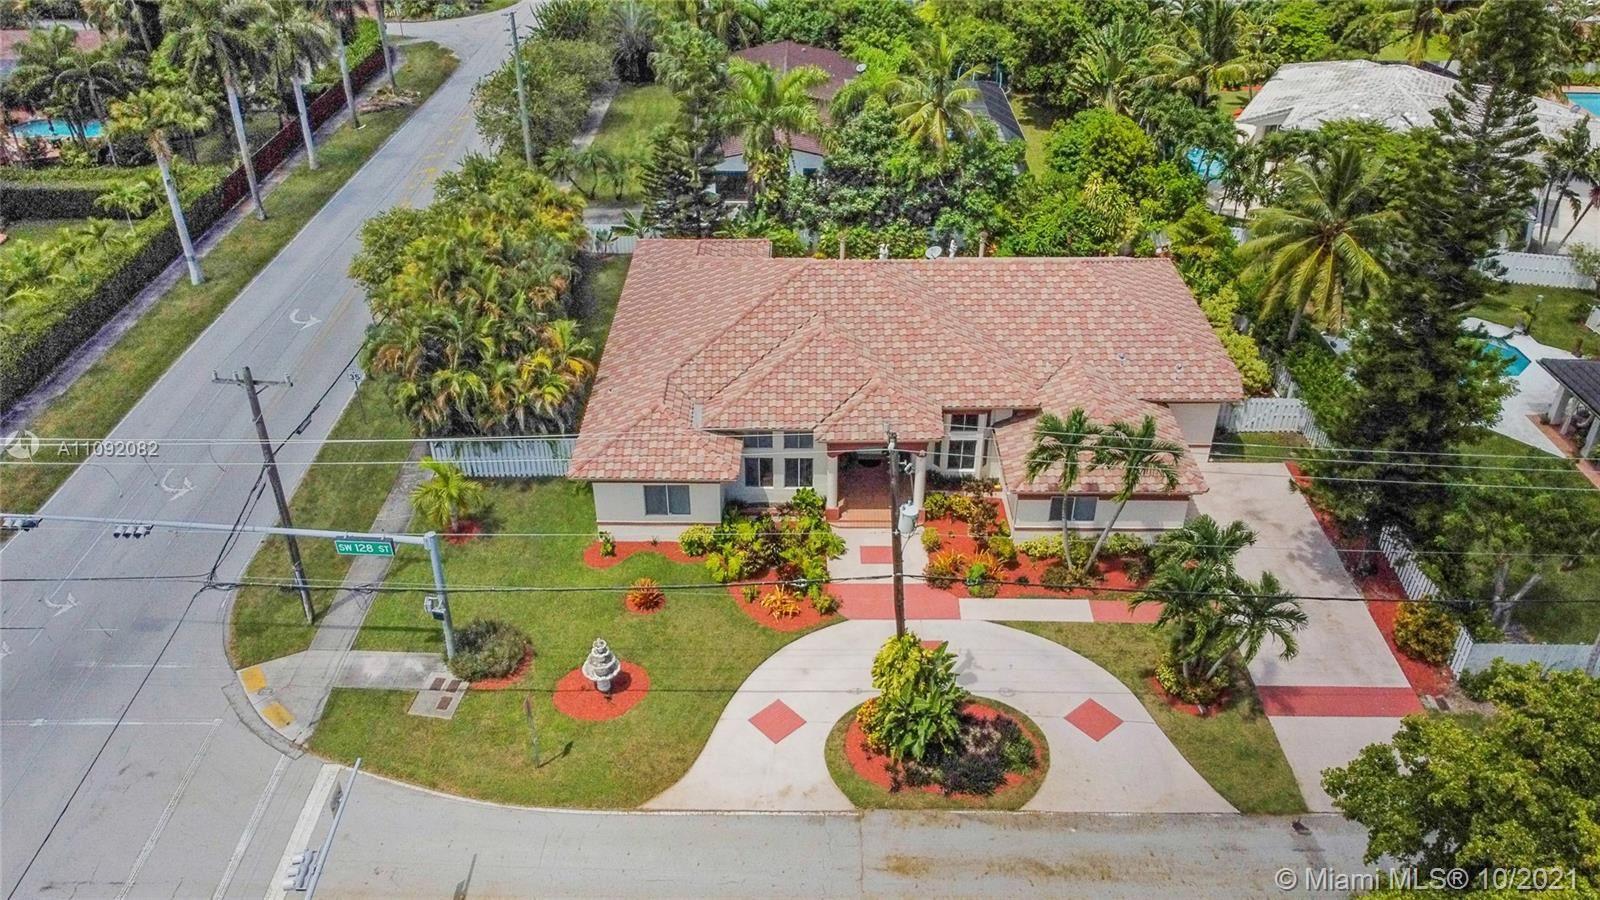 10195 SW 128th St, Miami, FL 33176 - #: A11092082